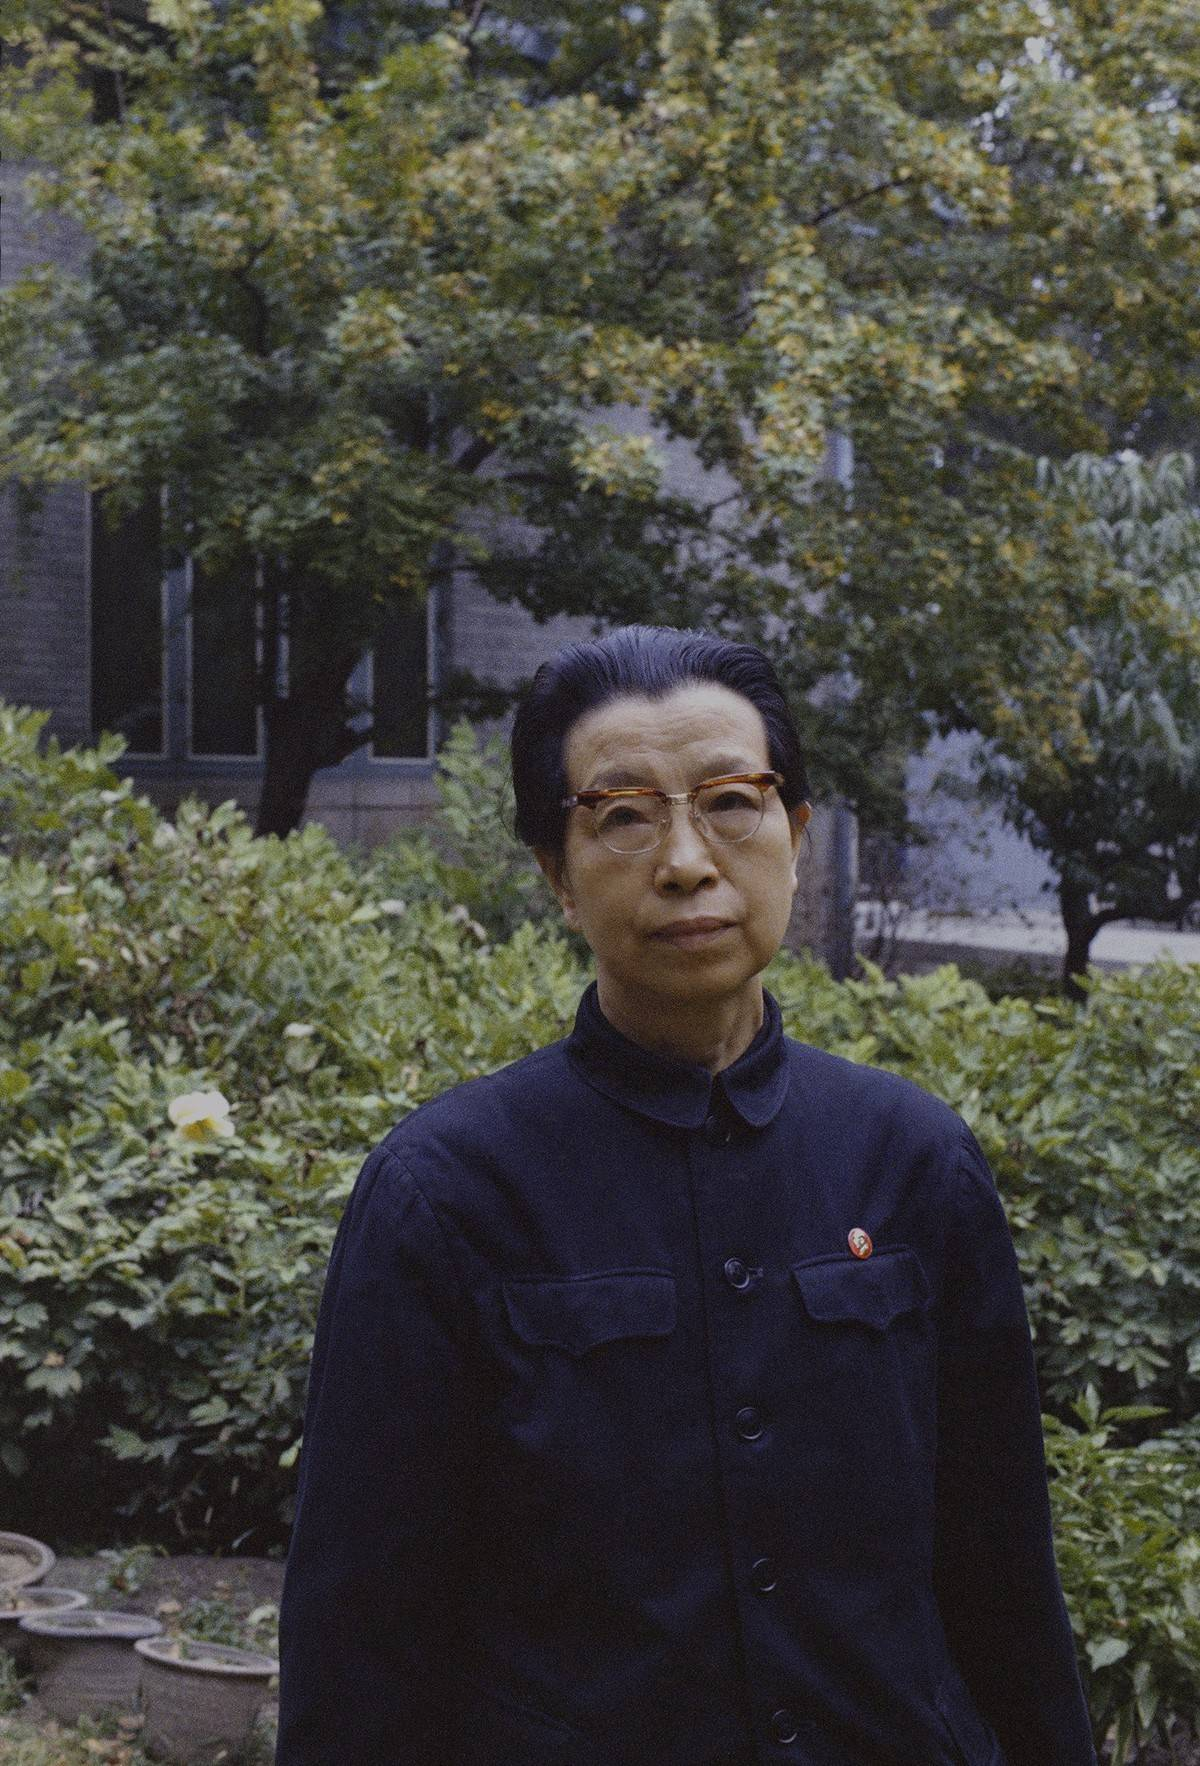 王洪文标准照片_权力的影像:他记录了40年前中国的最高层丨谷雨推荐